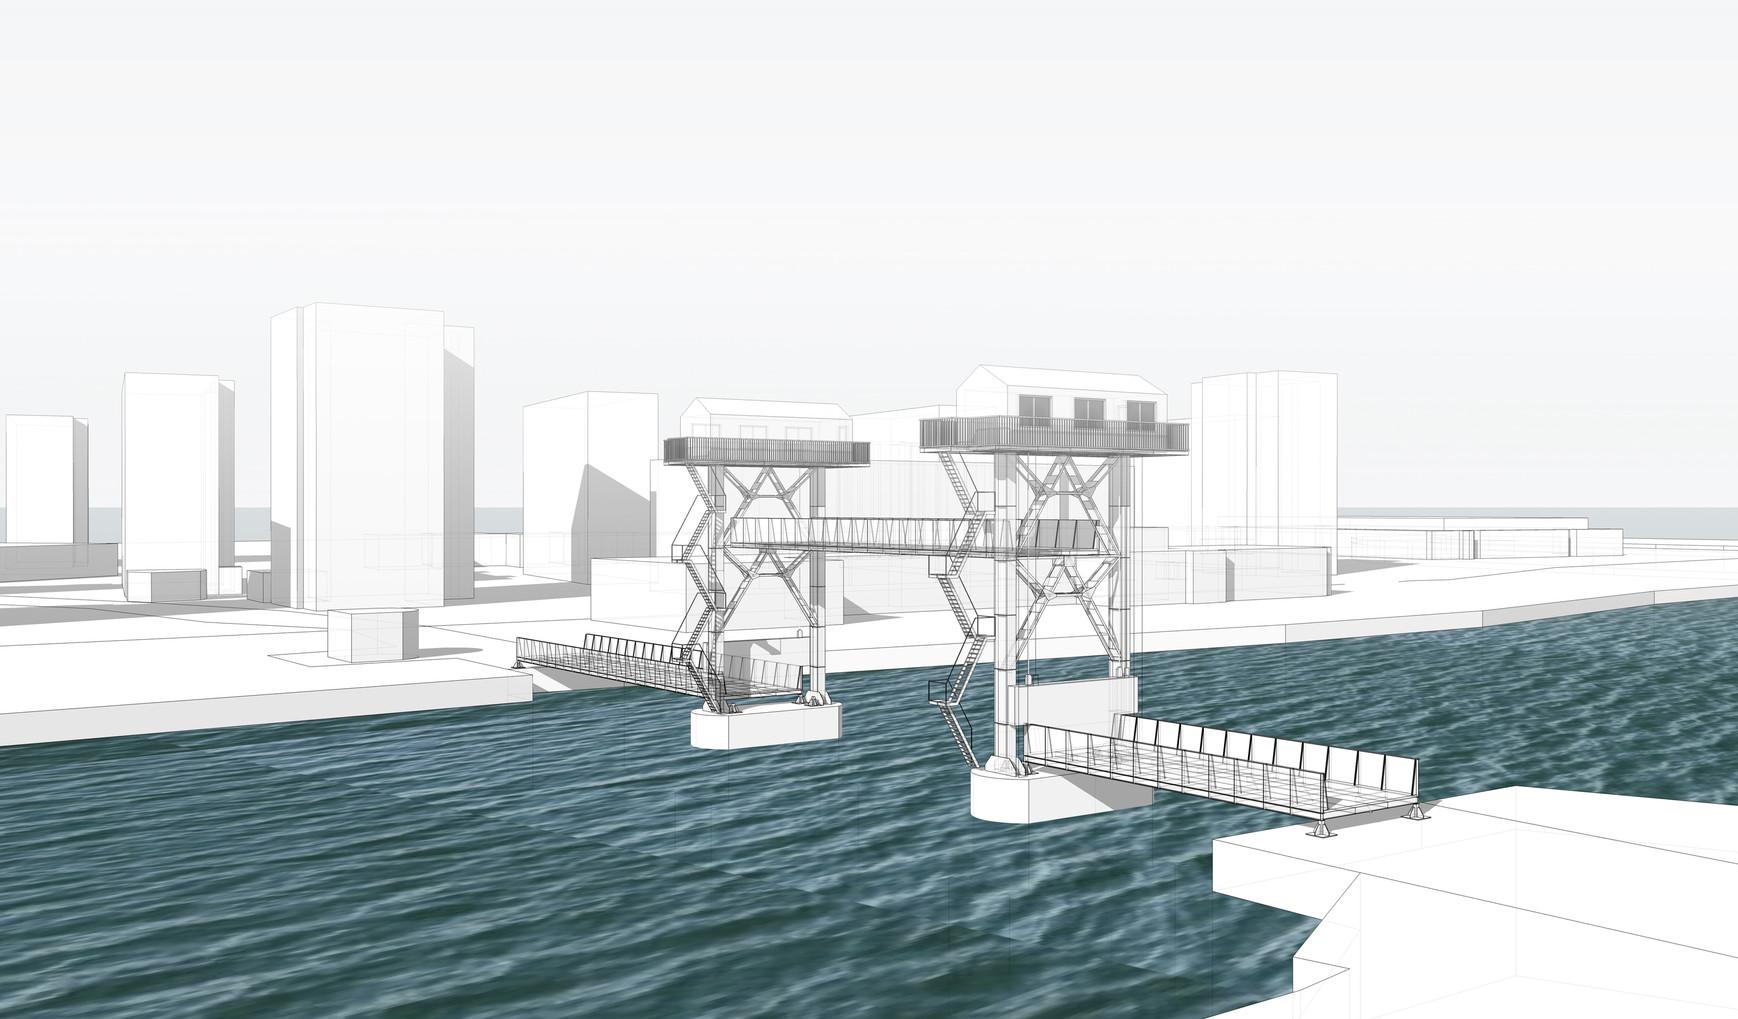 концепция музея мирового океана на реке Преголи